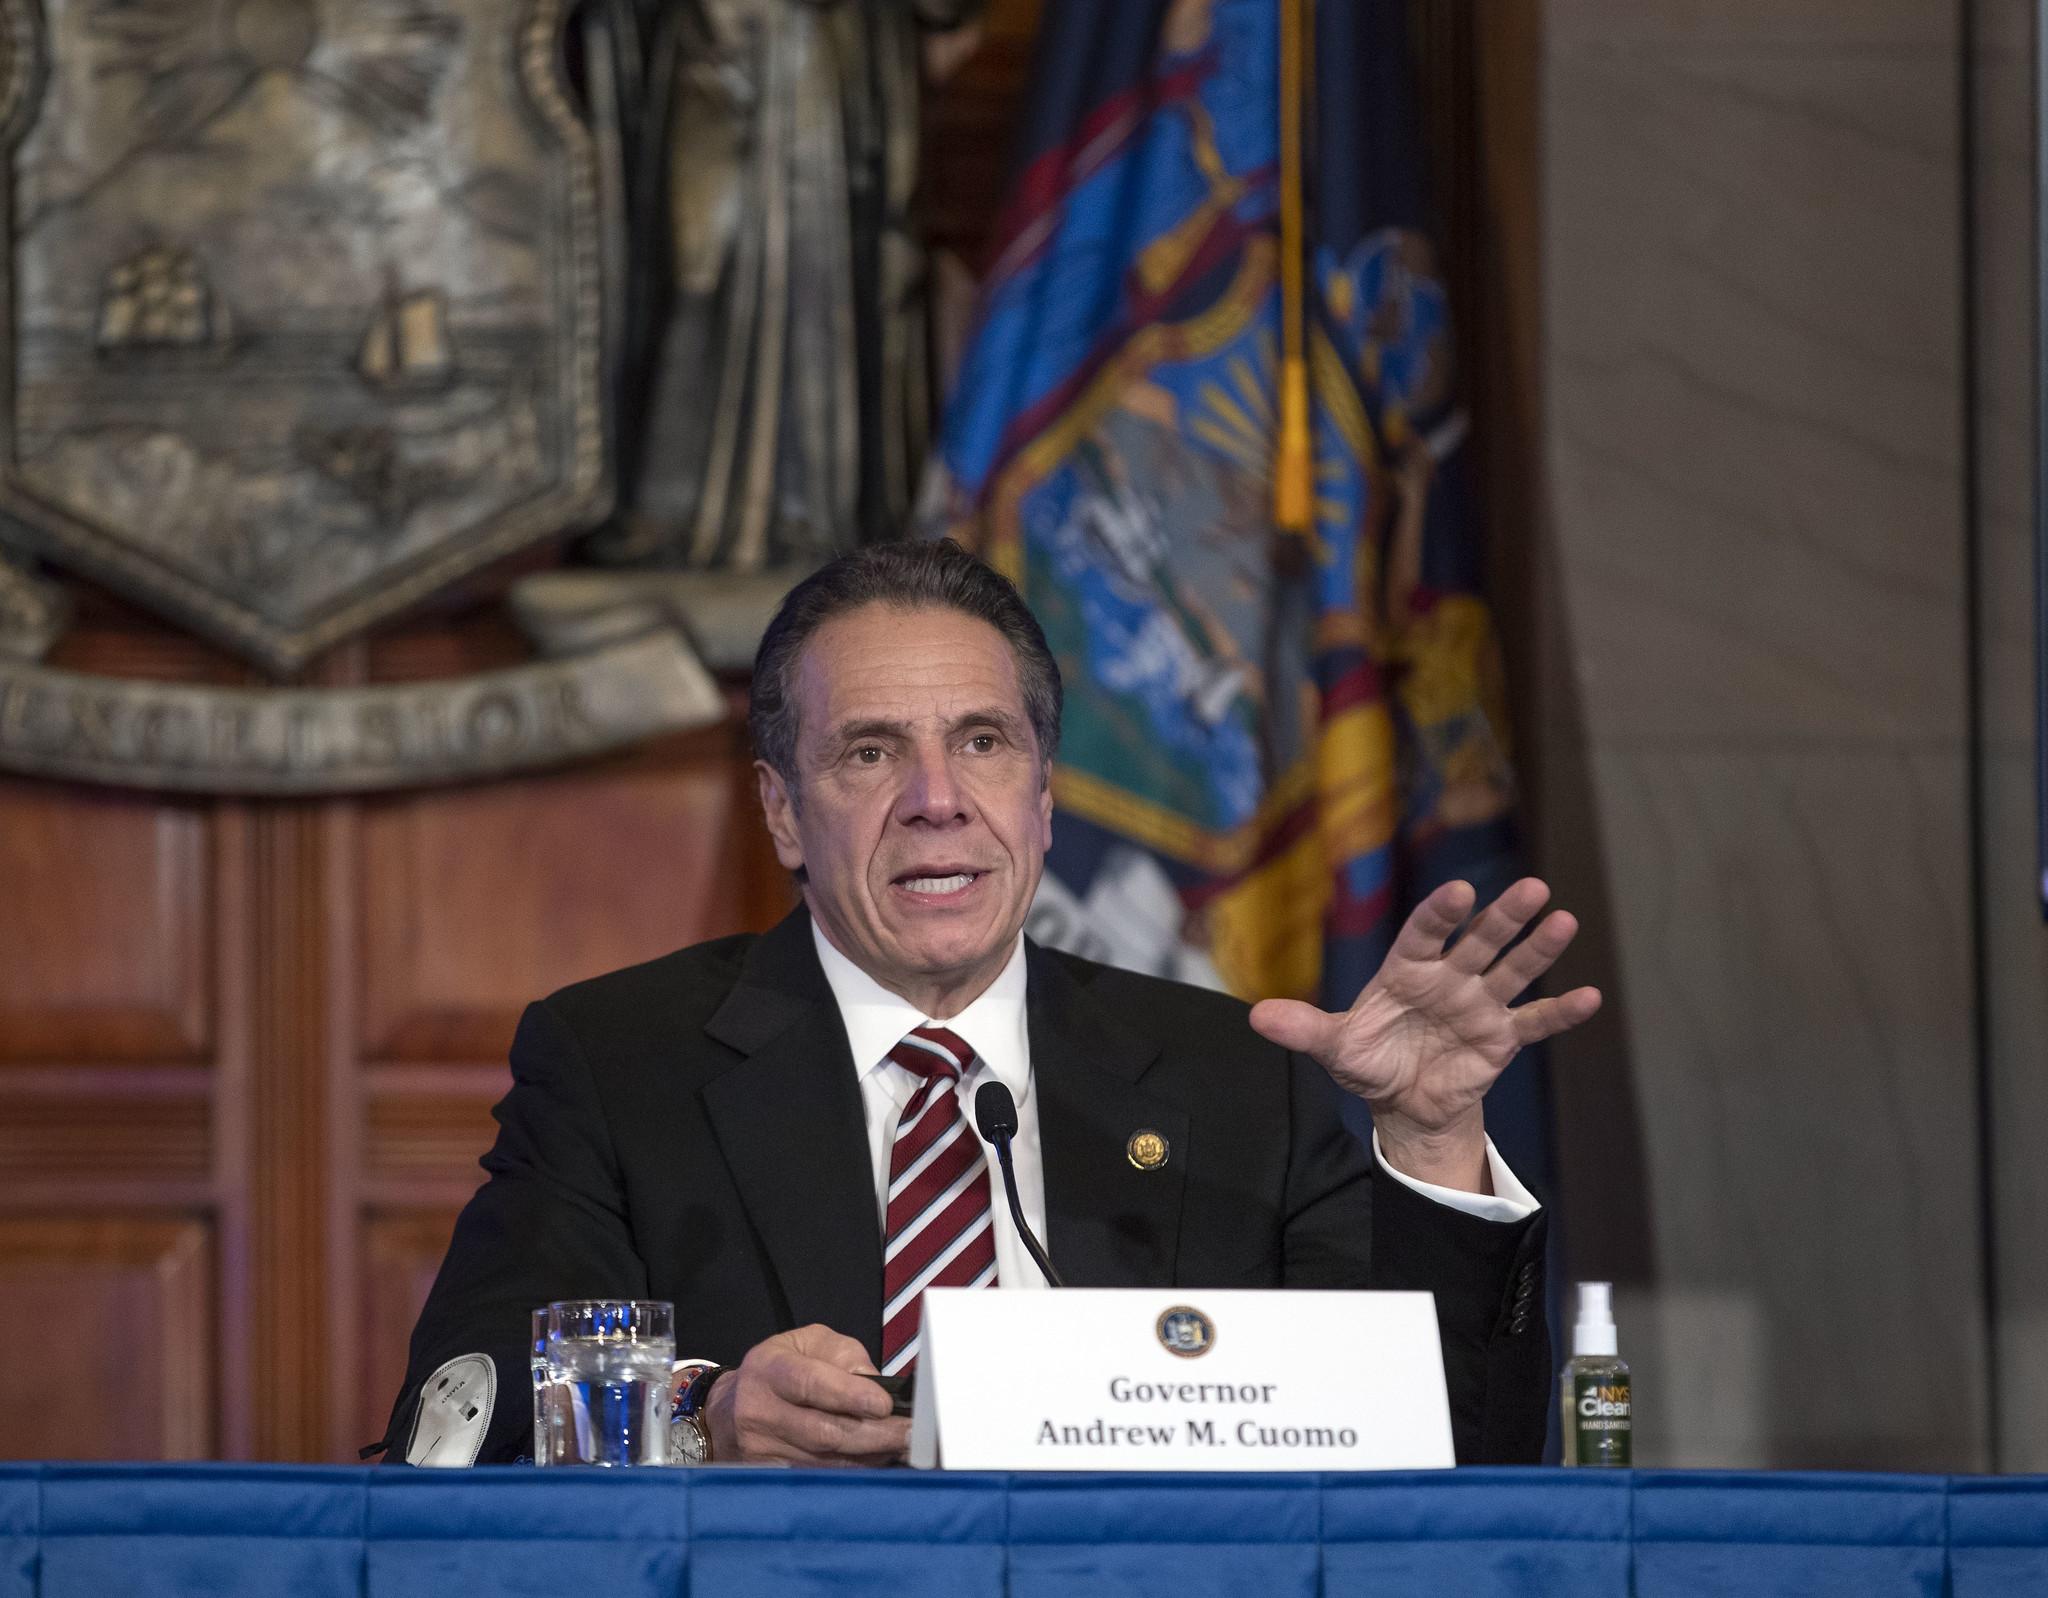 IMAGEM: Governador confirma 1º caso de variante do novo coronavírus em Nova York